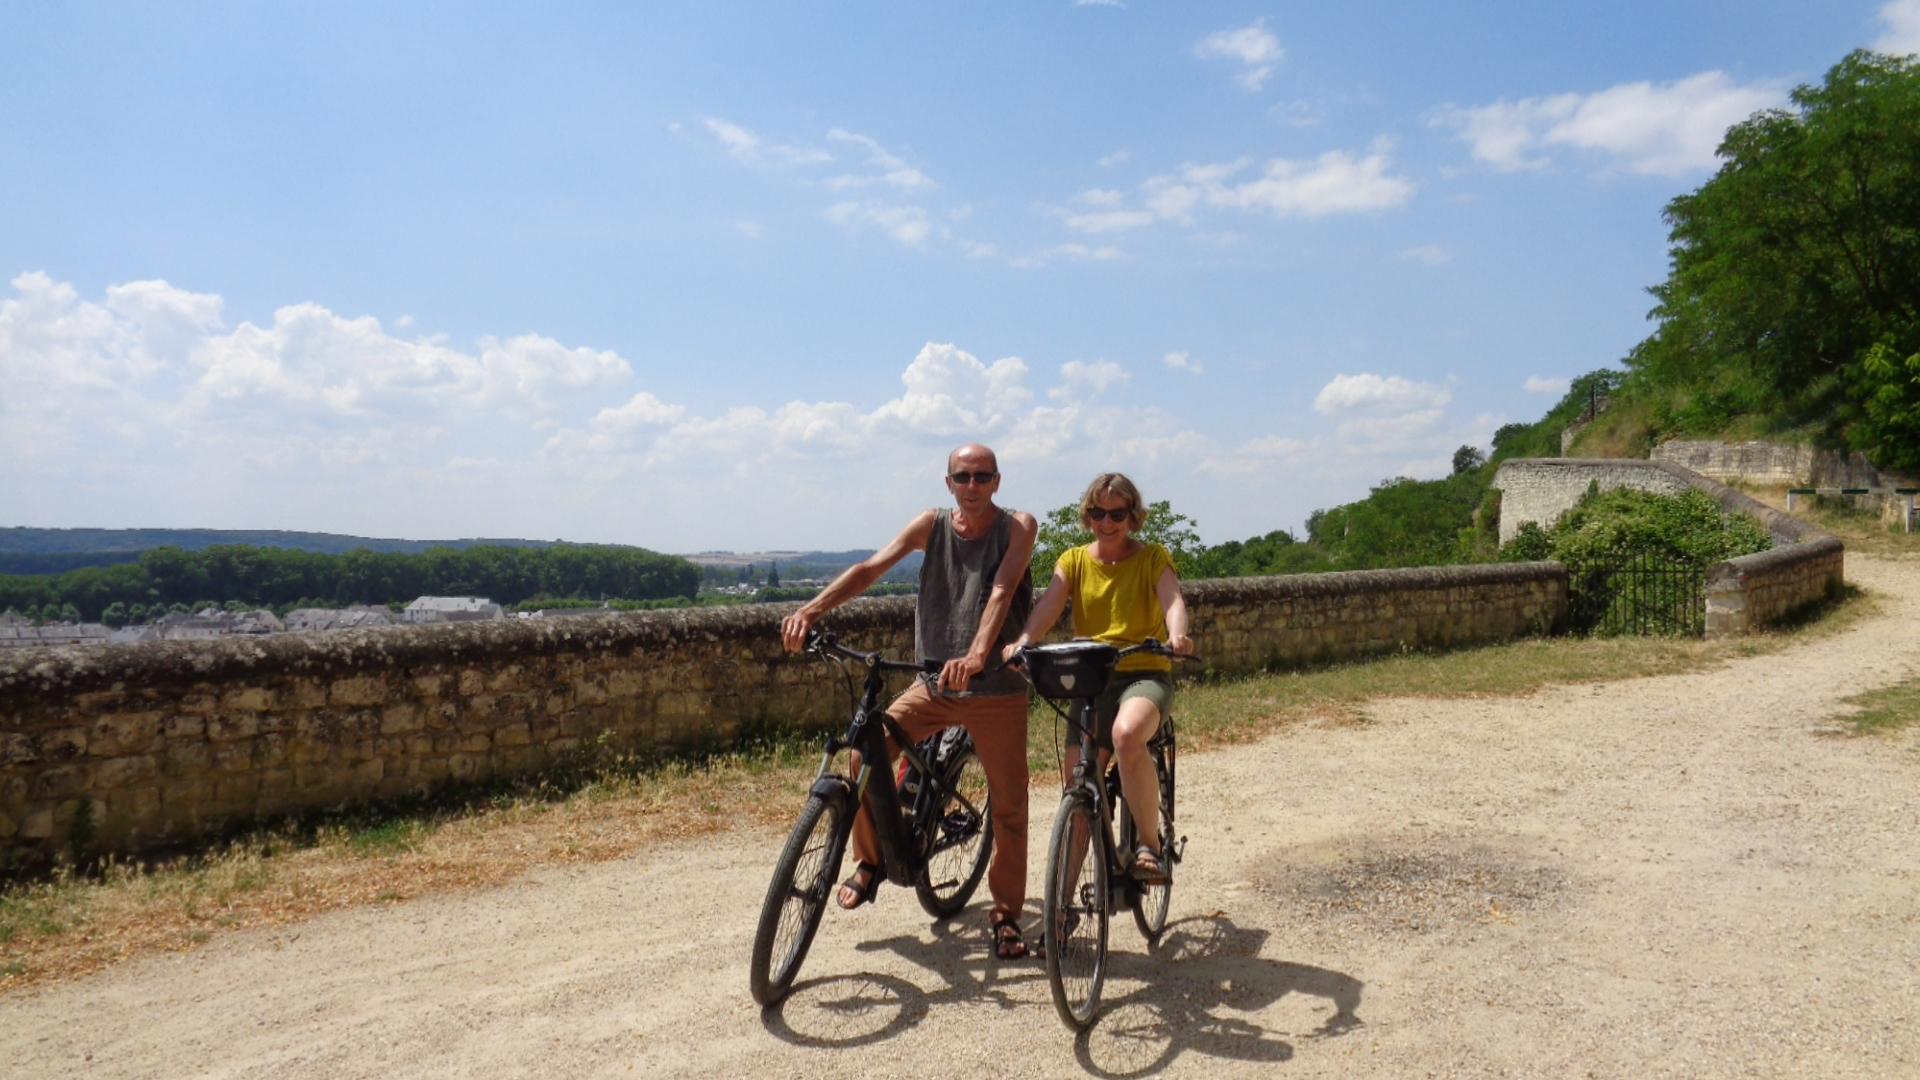 Séjour nature à vélo à Chinon en Touraine val de loire